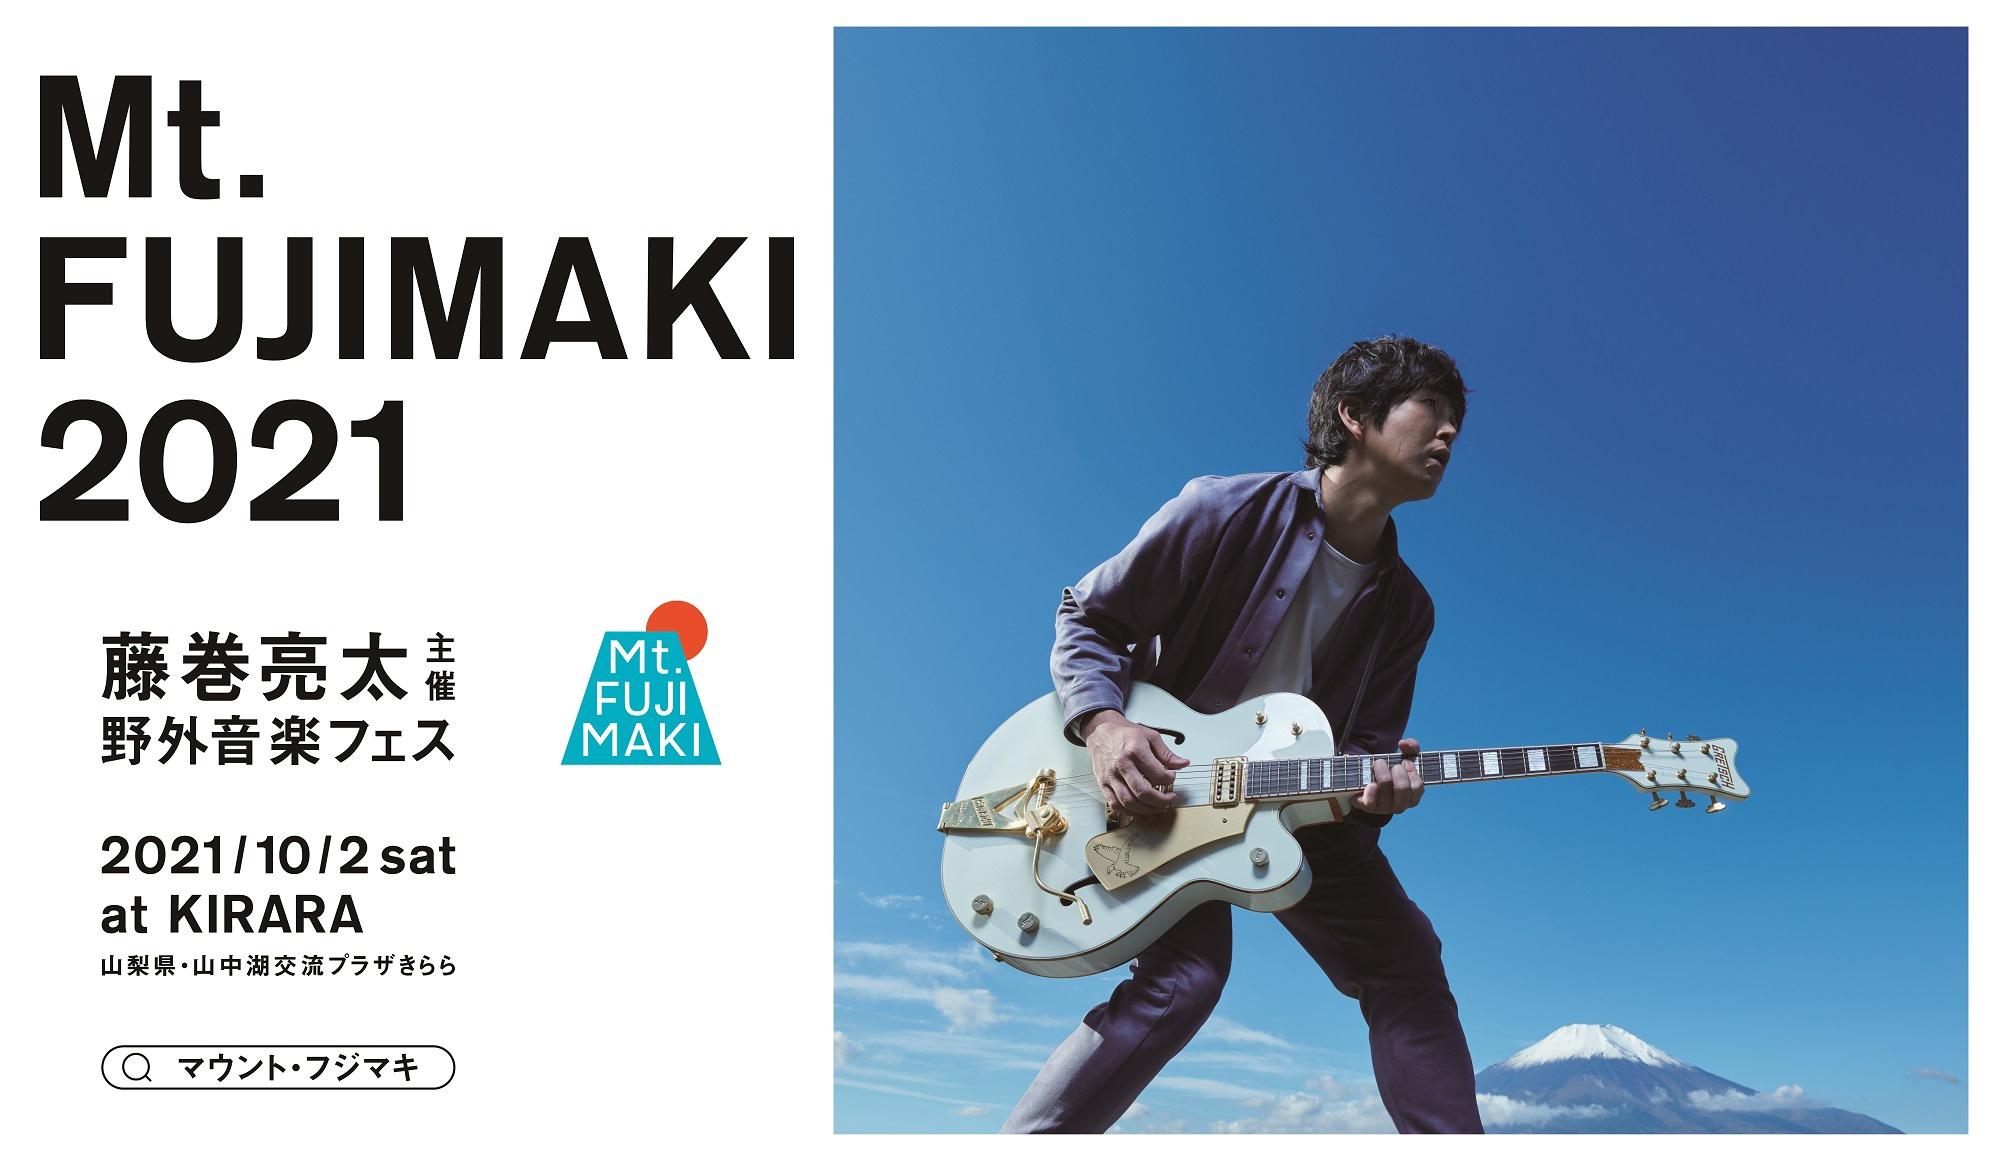 『Mt.FUJIMAKI 2021』